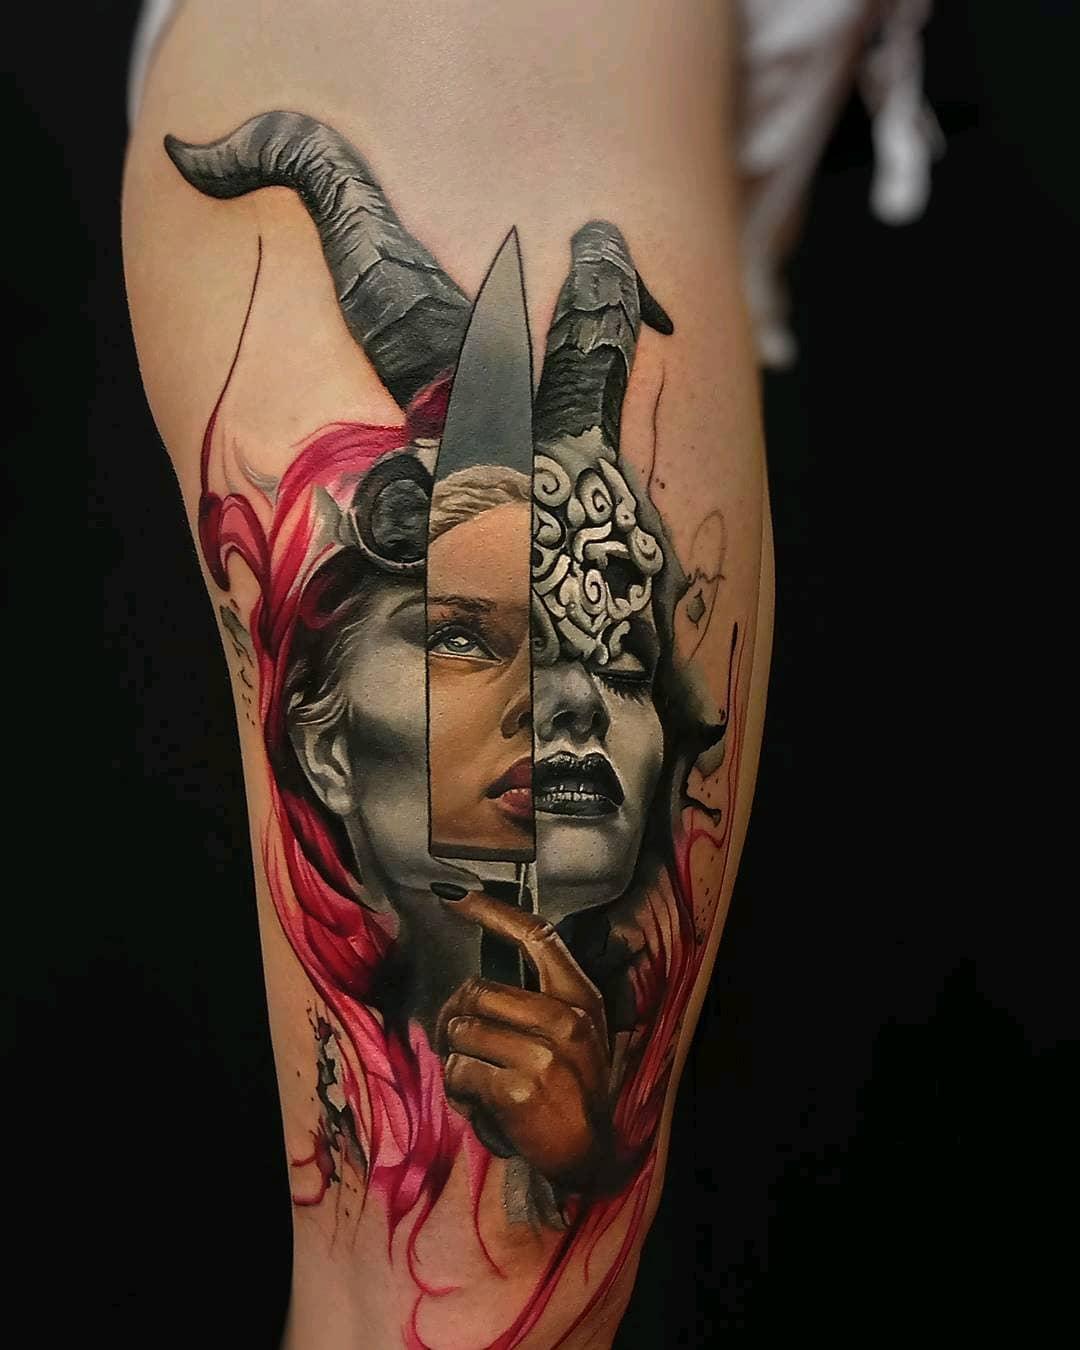 元小姐大腿美女匕首纹身图案图片